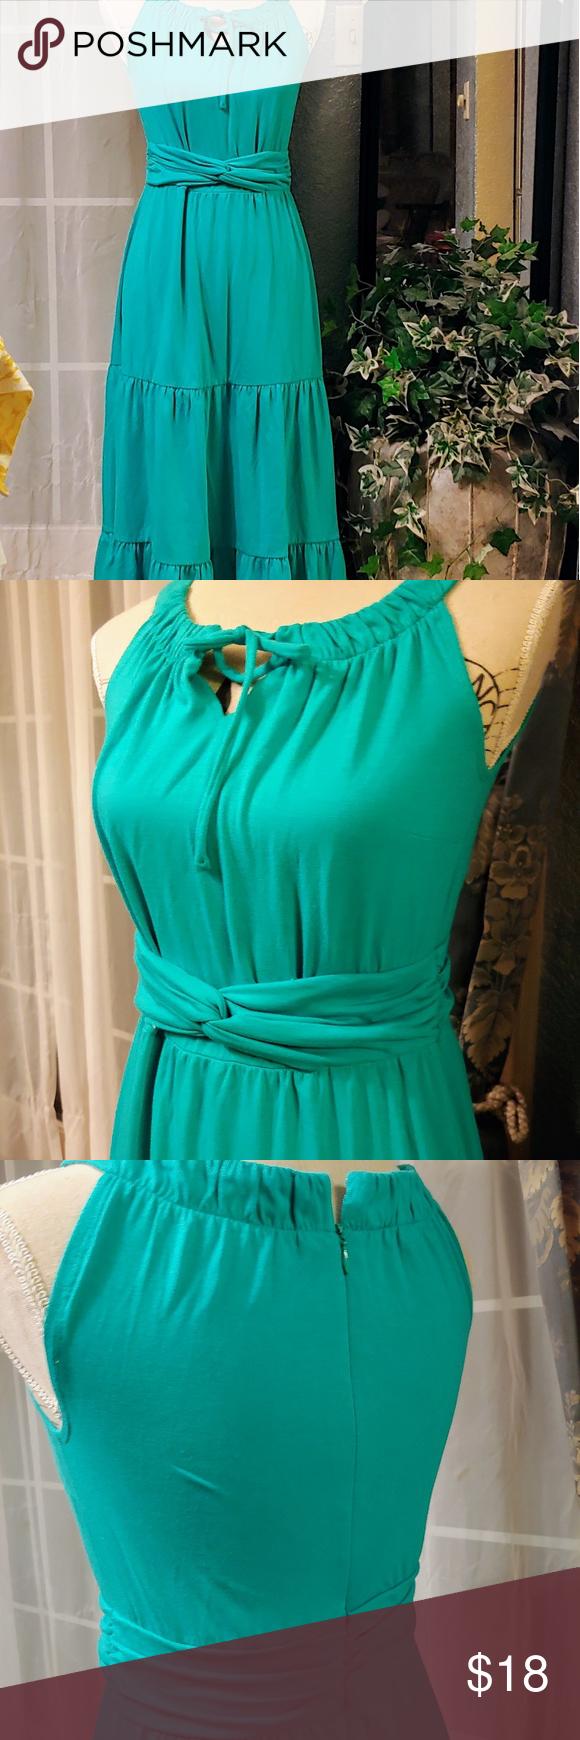 Talbots Maxi Dress Nwt Dresses Maxi Dress Talbots Dress [ 1740 x 580 Pixel ]